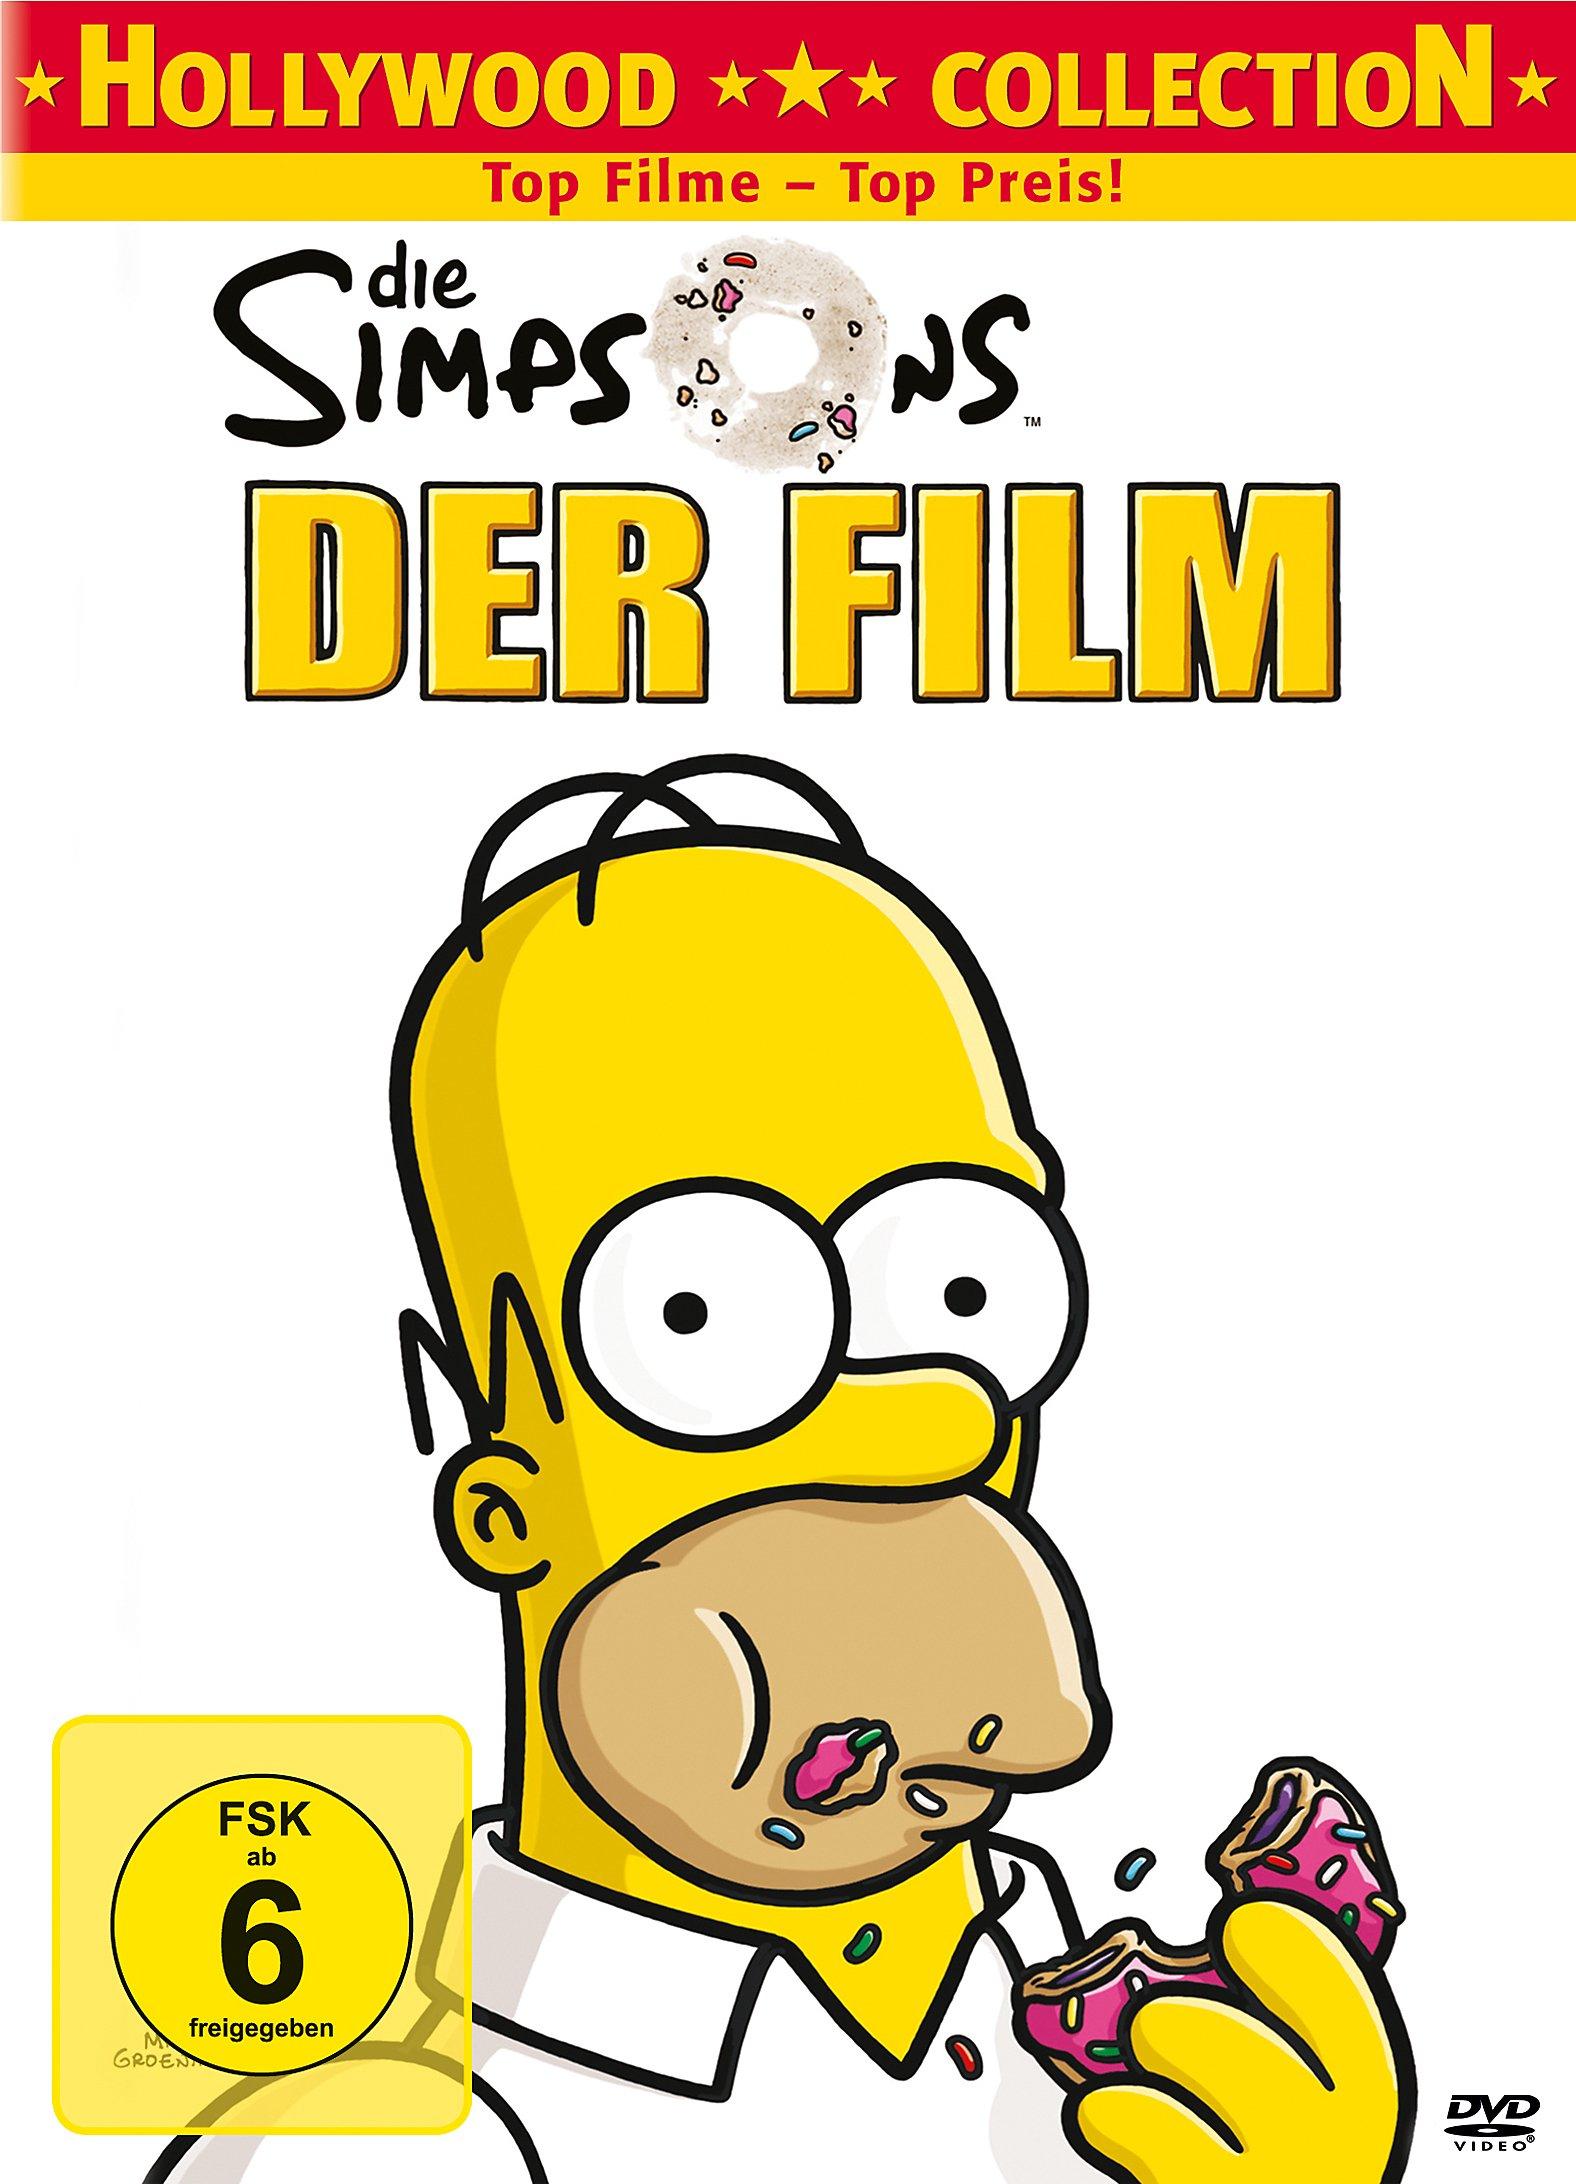 Die Simpsons - Der Film DVD bei Weltbild.ch bestellen